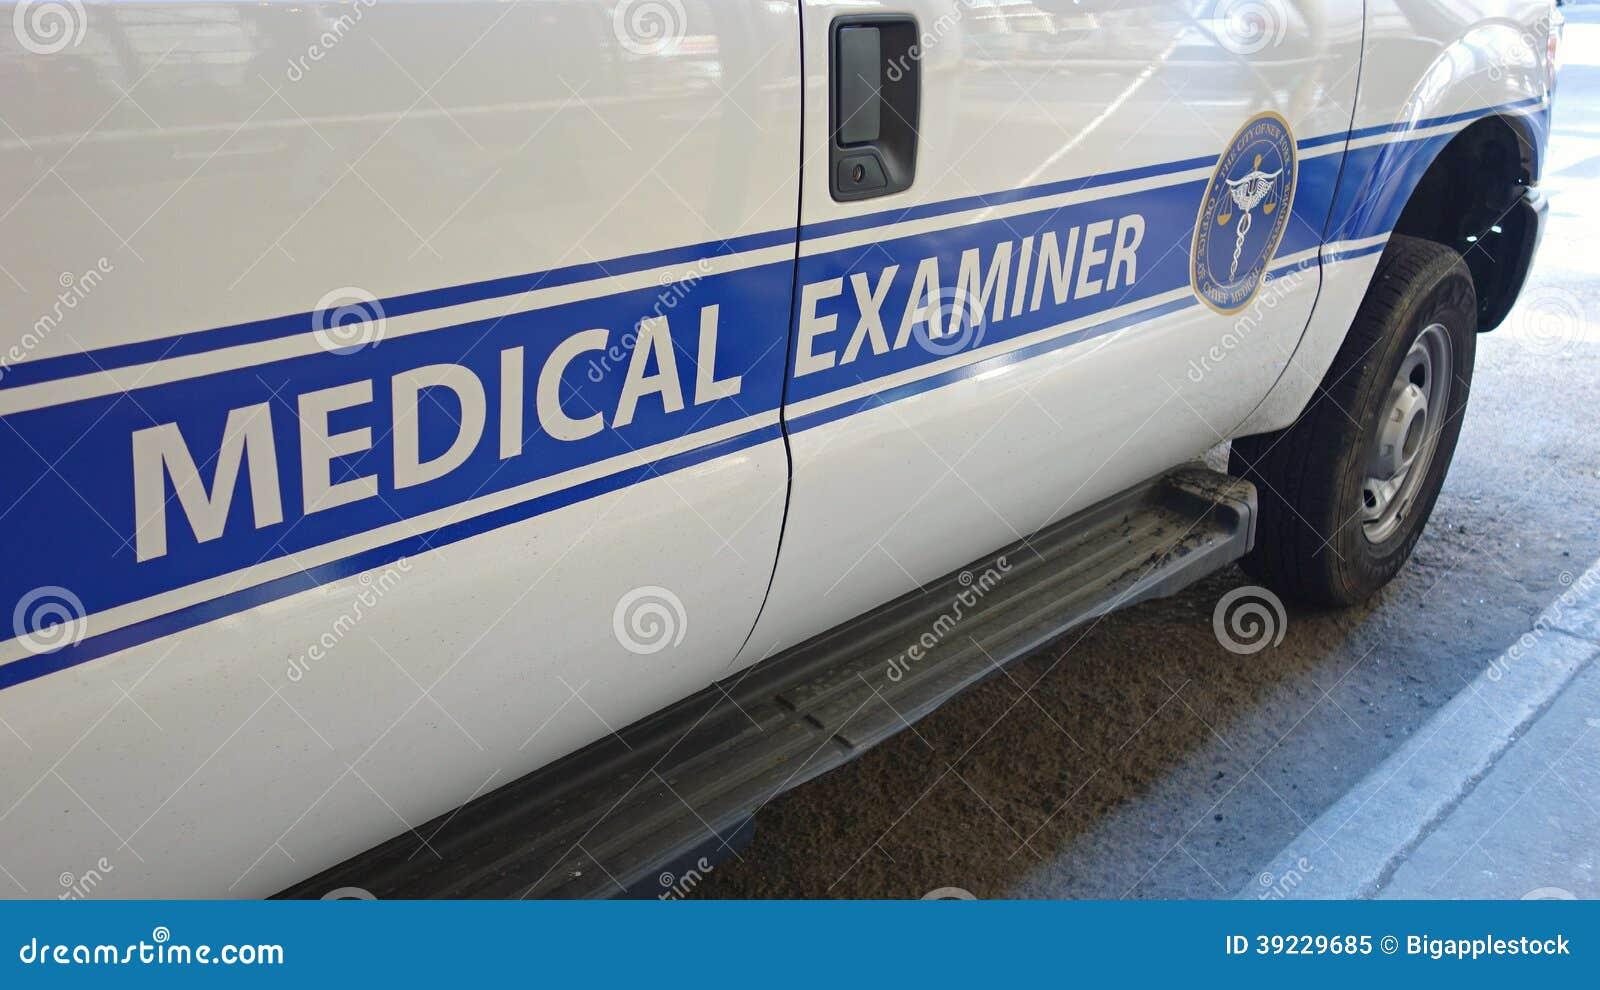 The National Bank Examiner